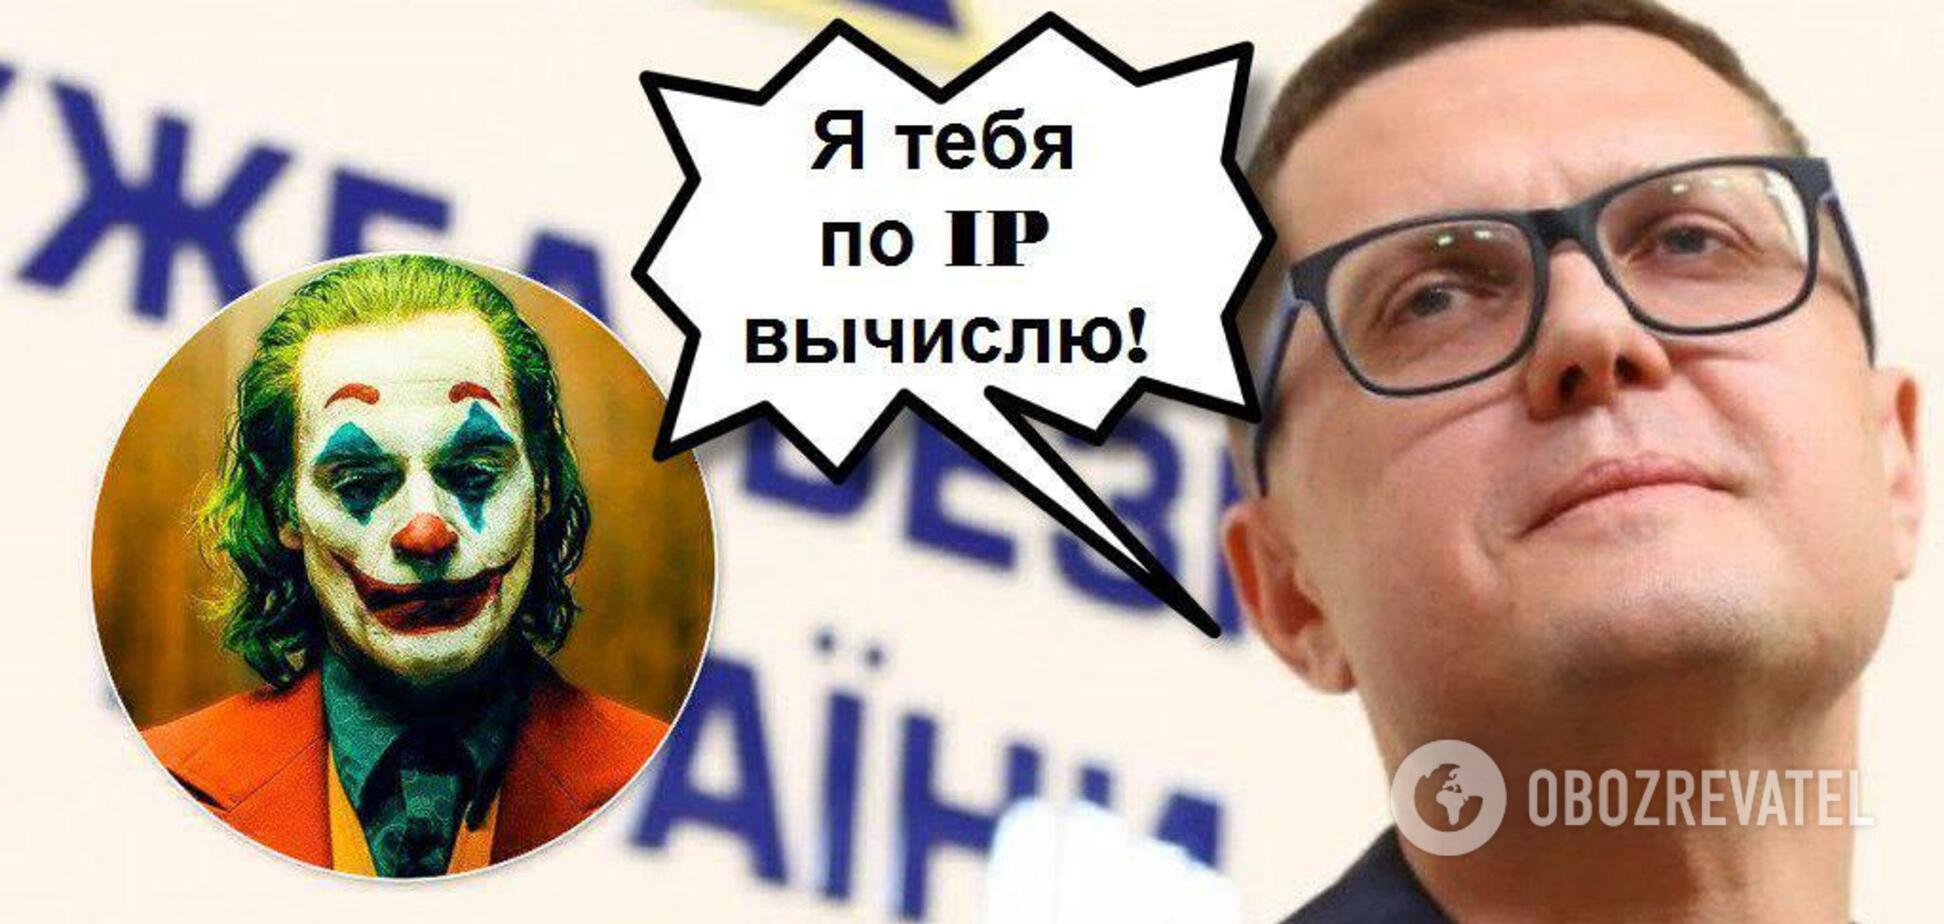 Баканов и Джокер